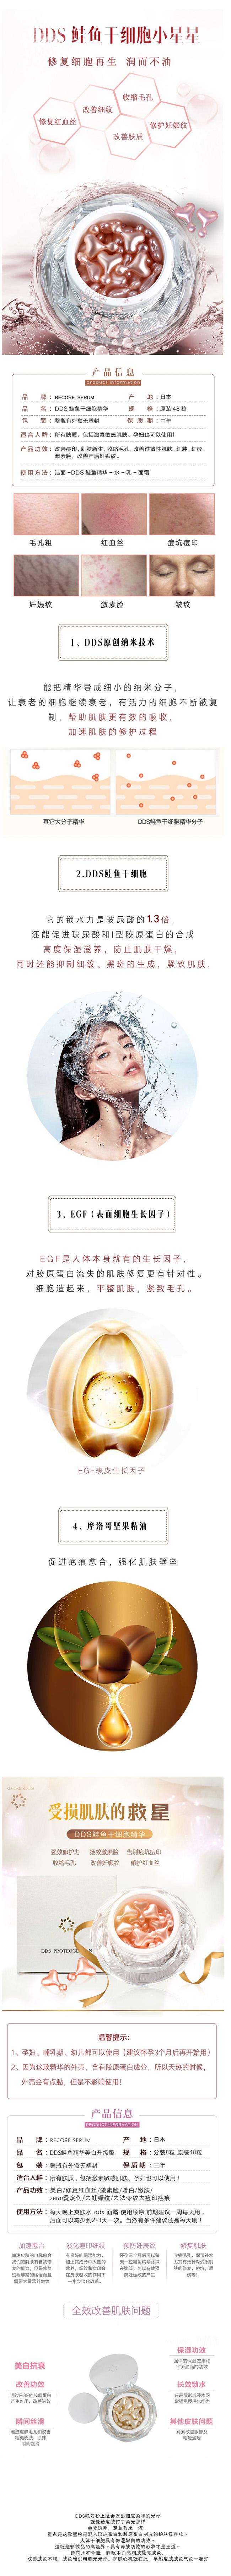 日本recore serum小星星DDS鲑鱼干细胞精华美白款48粒-1.jpg